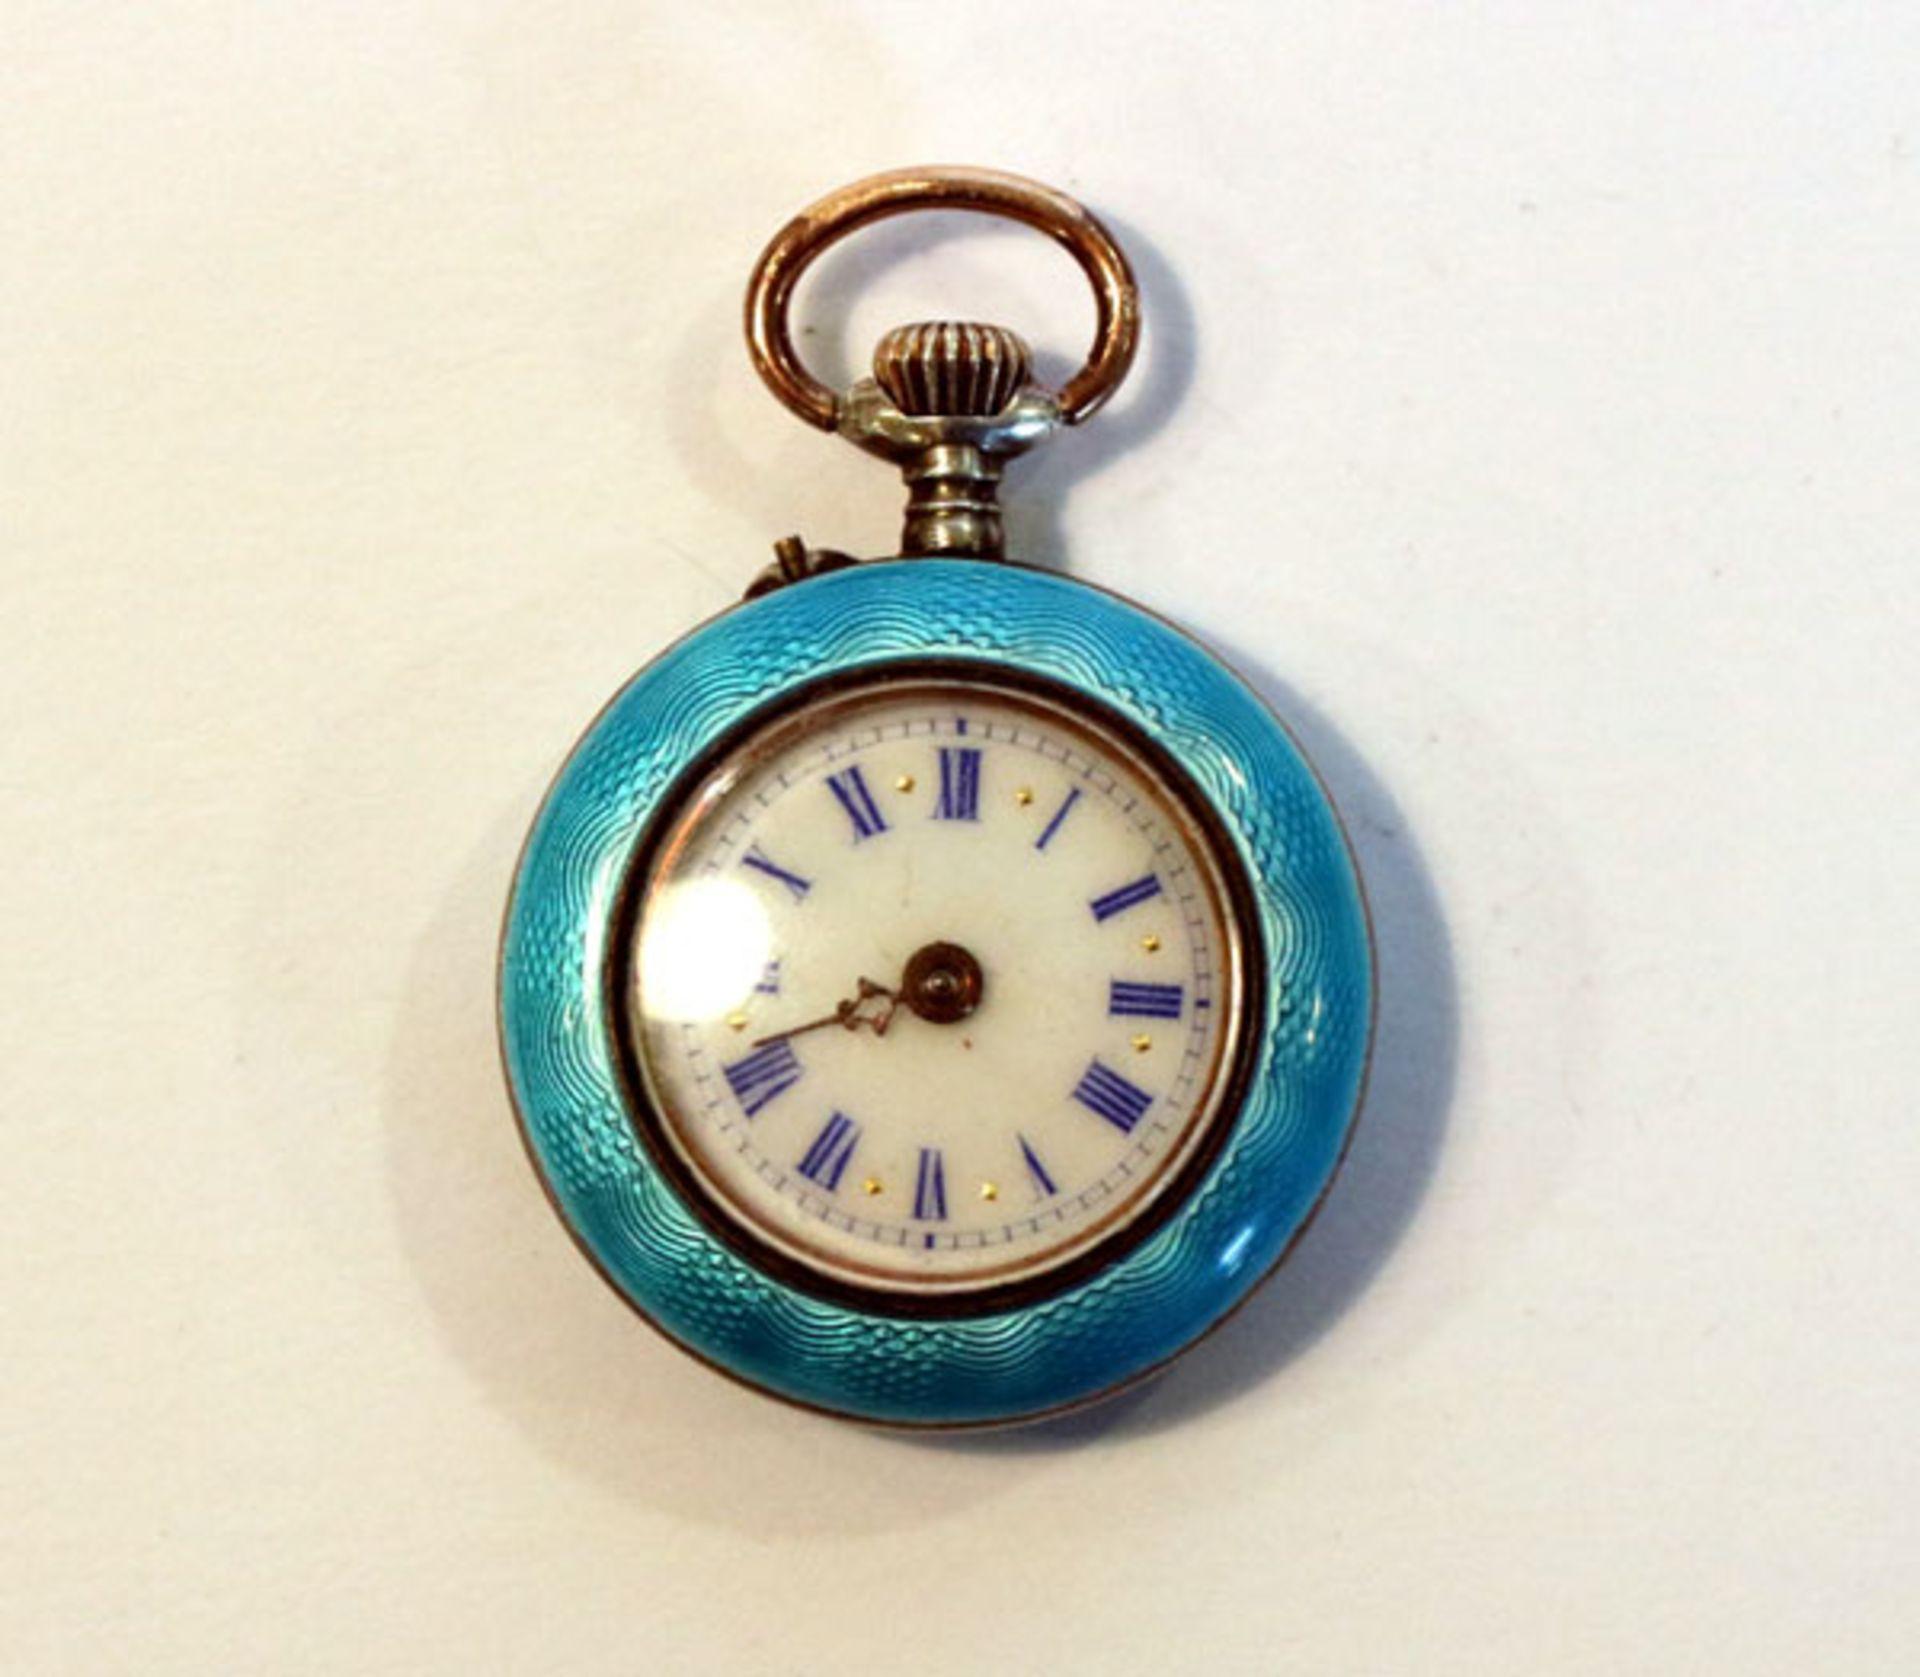 Silber Damen Taschenuhr, Gehäuse türkisblau emailliert, ein Zeiger fehlt, Funktion nicht geprüft,